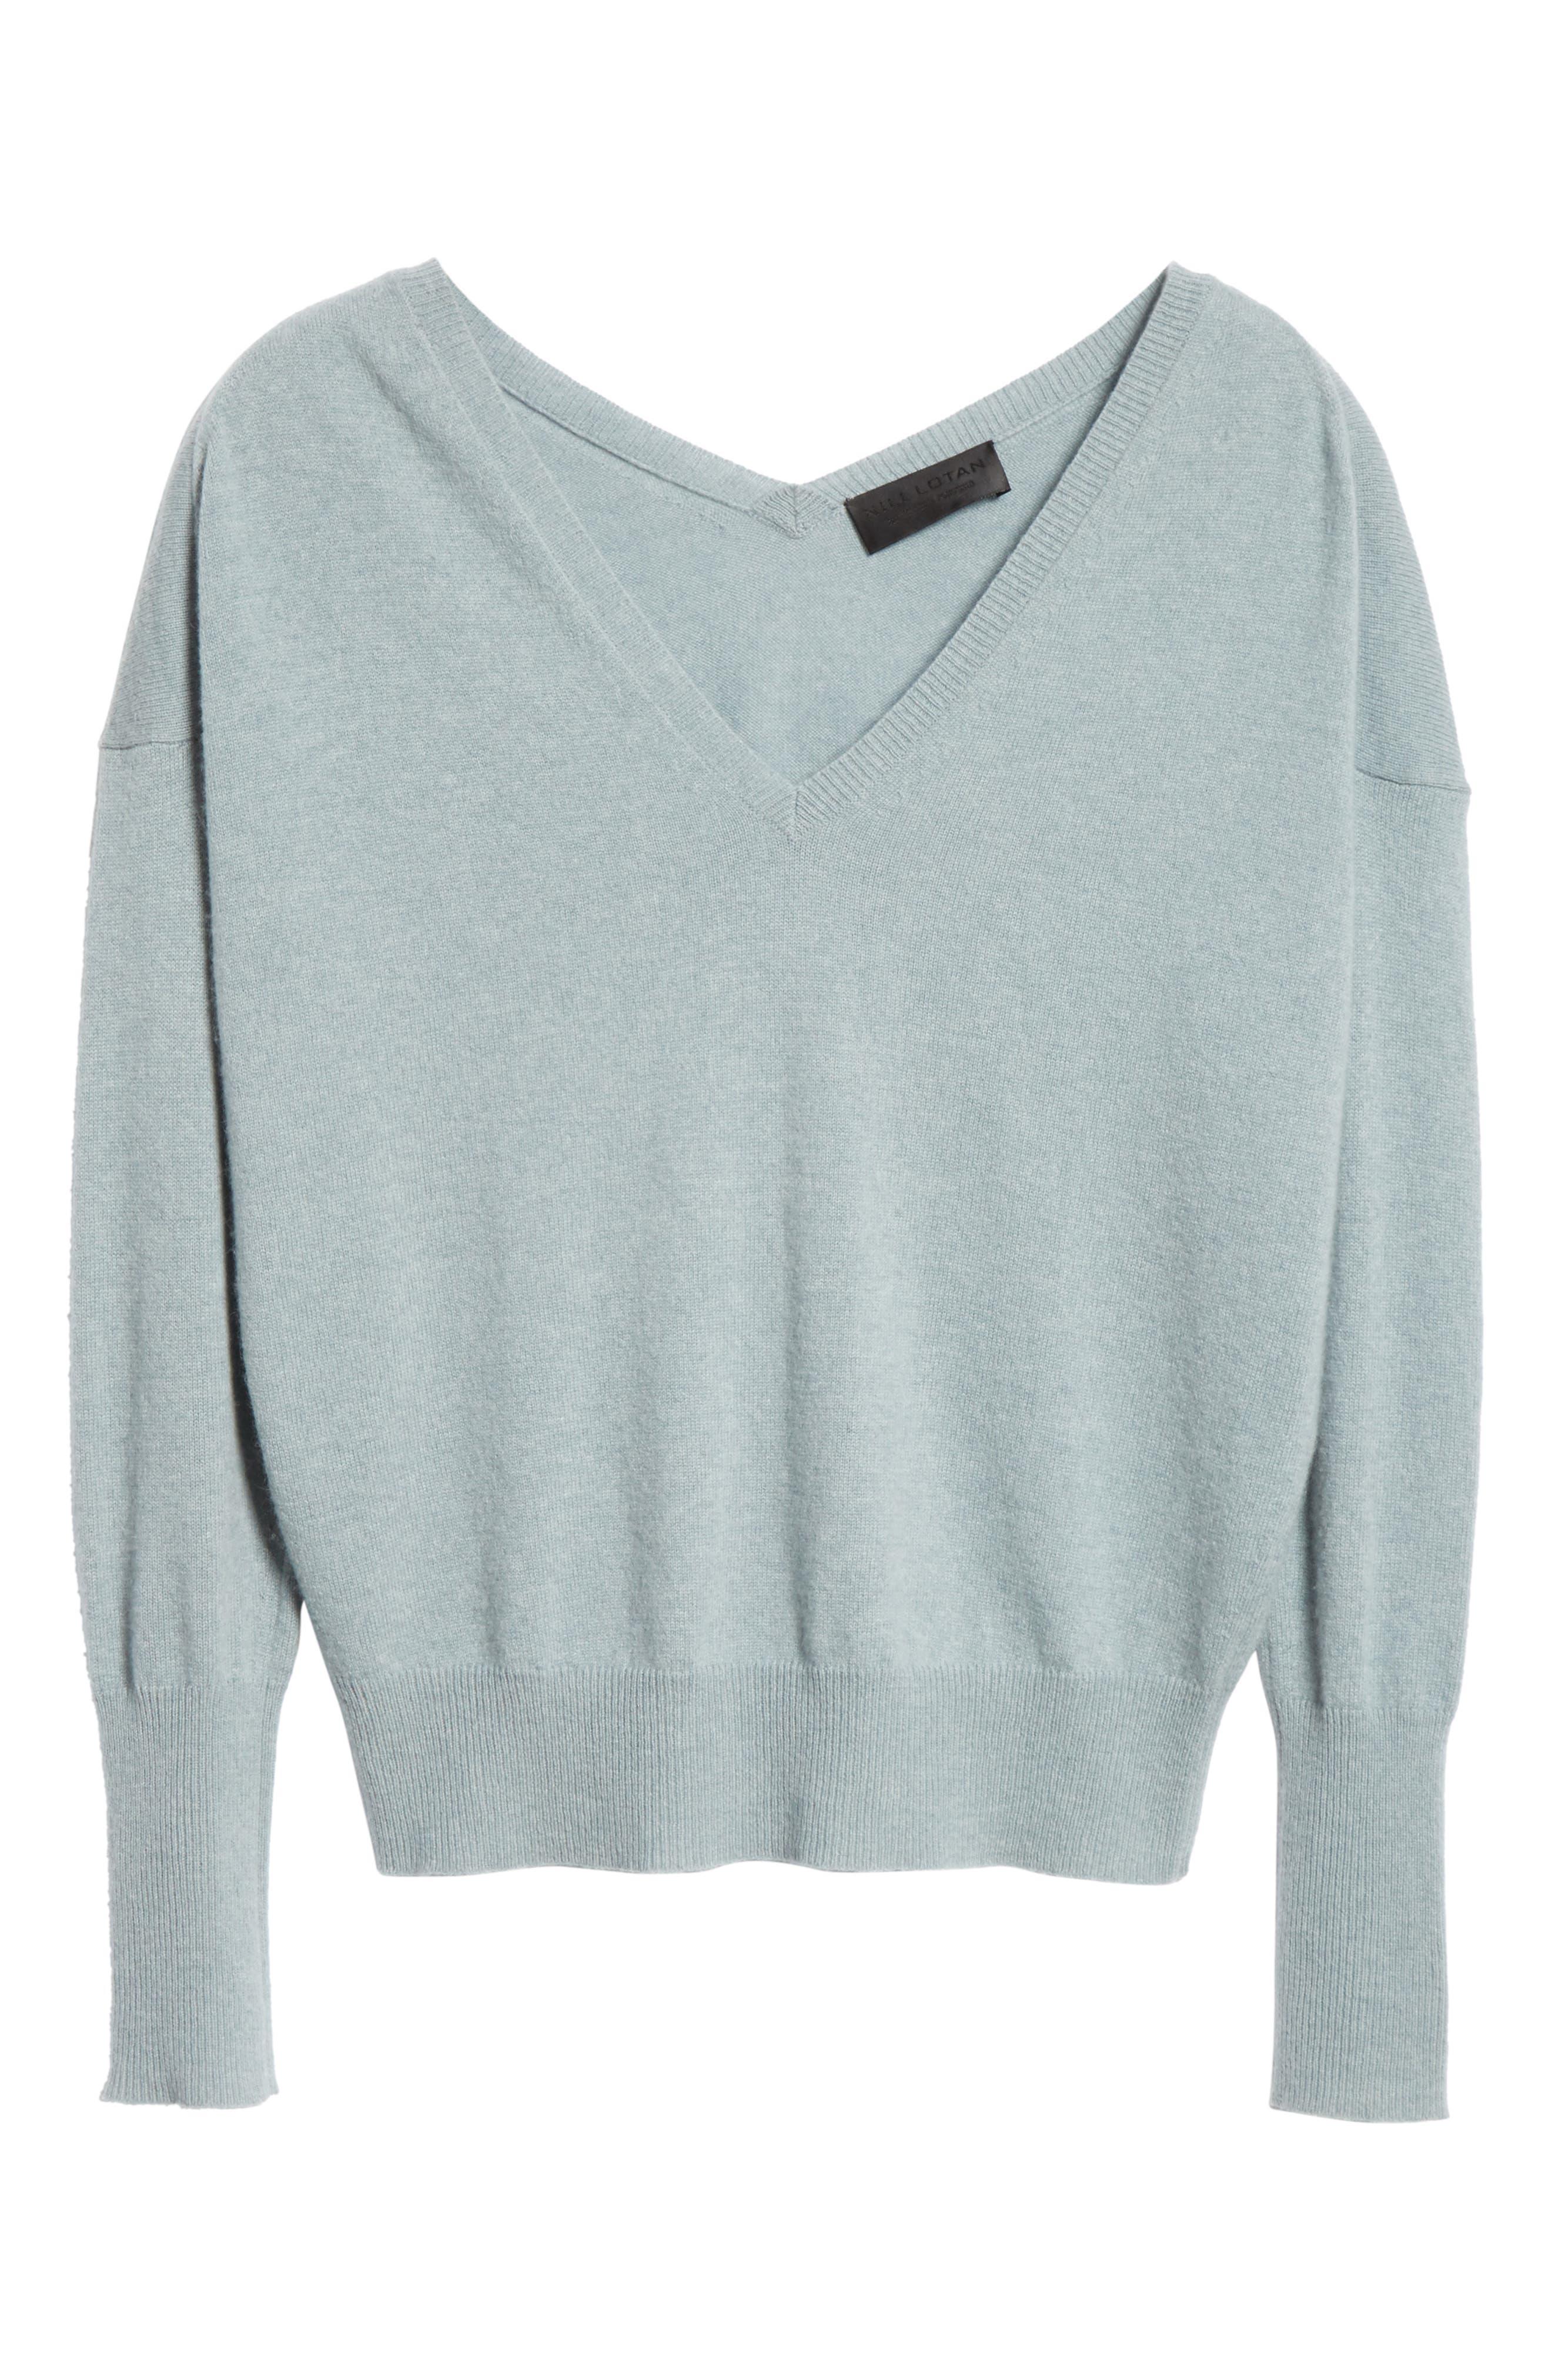 NILI LOTAN, Kylan Cashmere Sweater, Alternate thumbnail 6, color, SKY BLUE